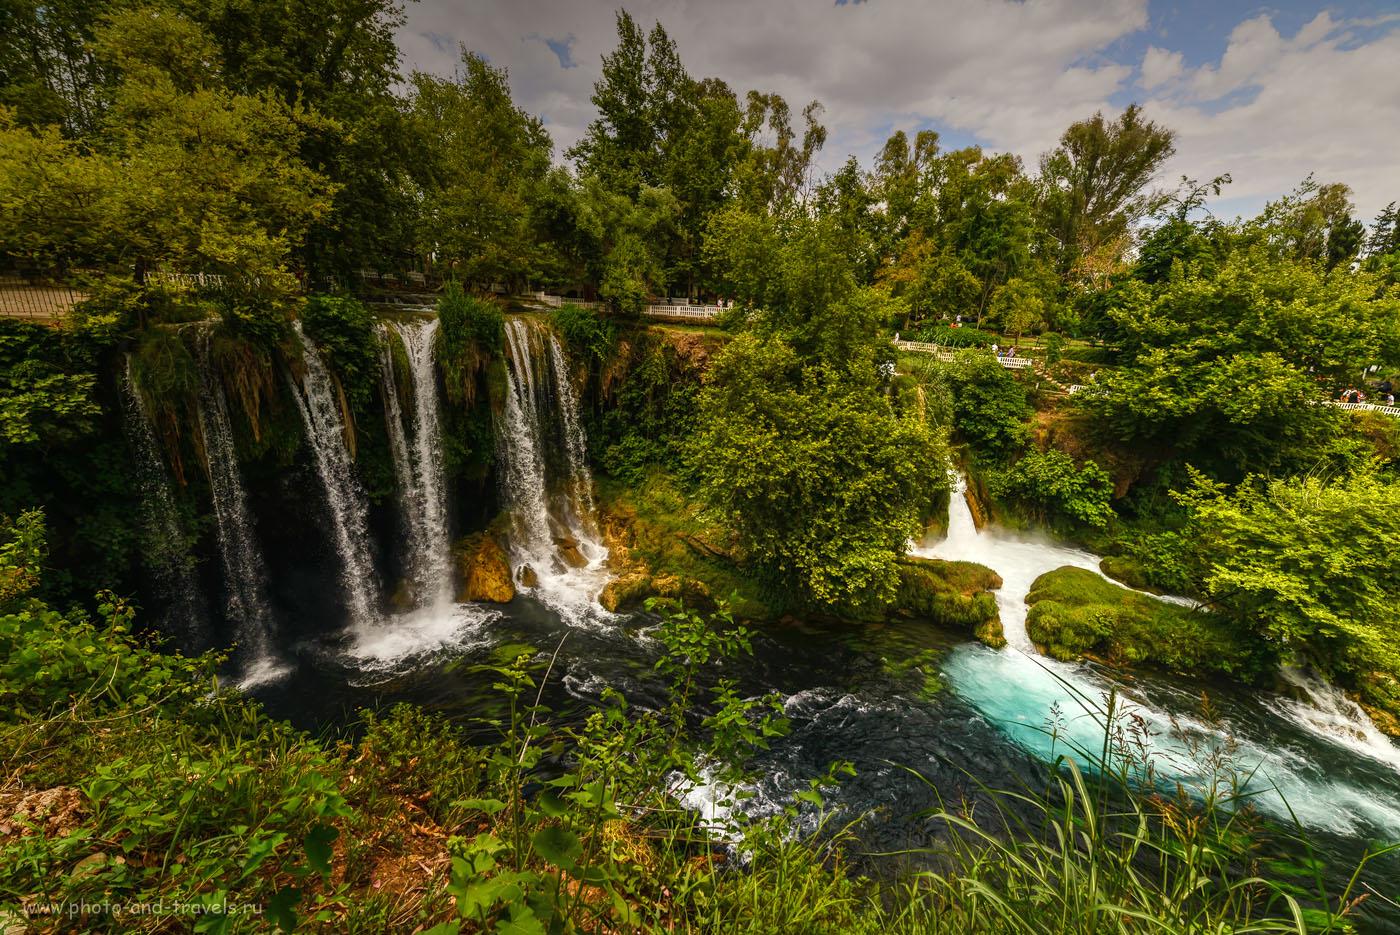 Фотография 2. Водопад Верхний Дюден (Düden Şelalesi) в северной части Анталии. Интересные места, что можно посетить во время отдыха в Турции. Отчеты туристов. 1/1000, -3.0EV, 8.0, 320, 14. Тонмаппинг.